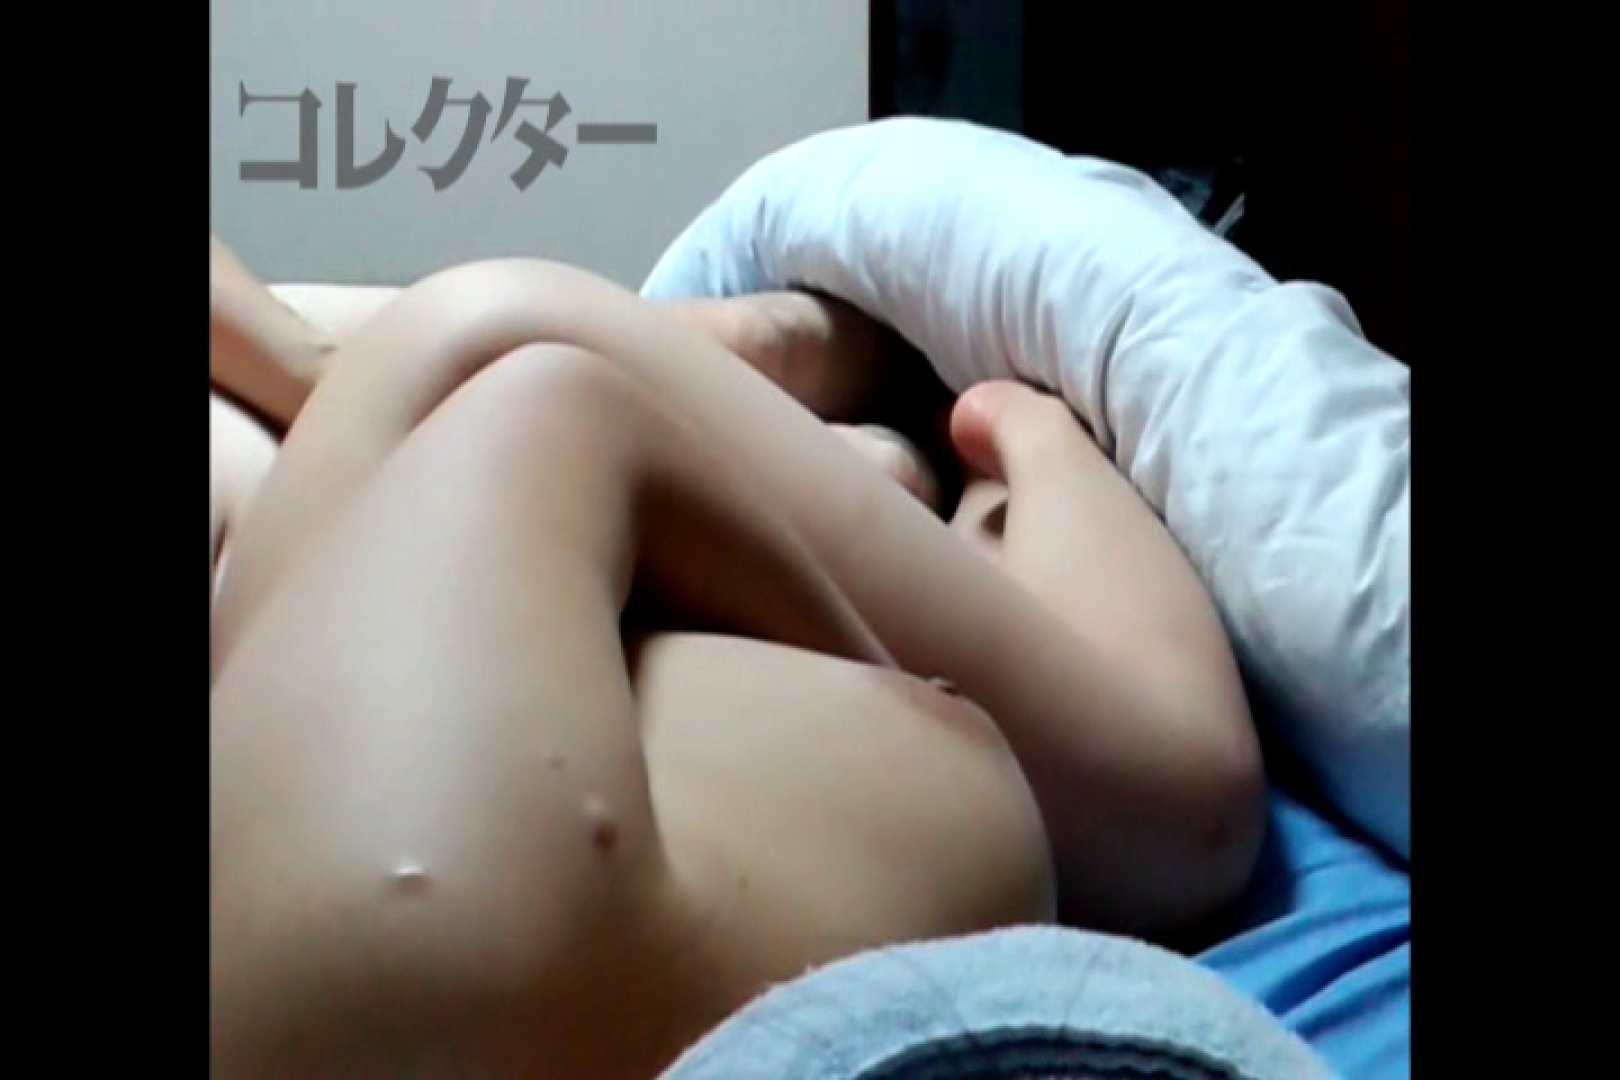 爆酔爆乳美女Vol.03 爆乳 | 悪戯  38連発 29